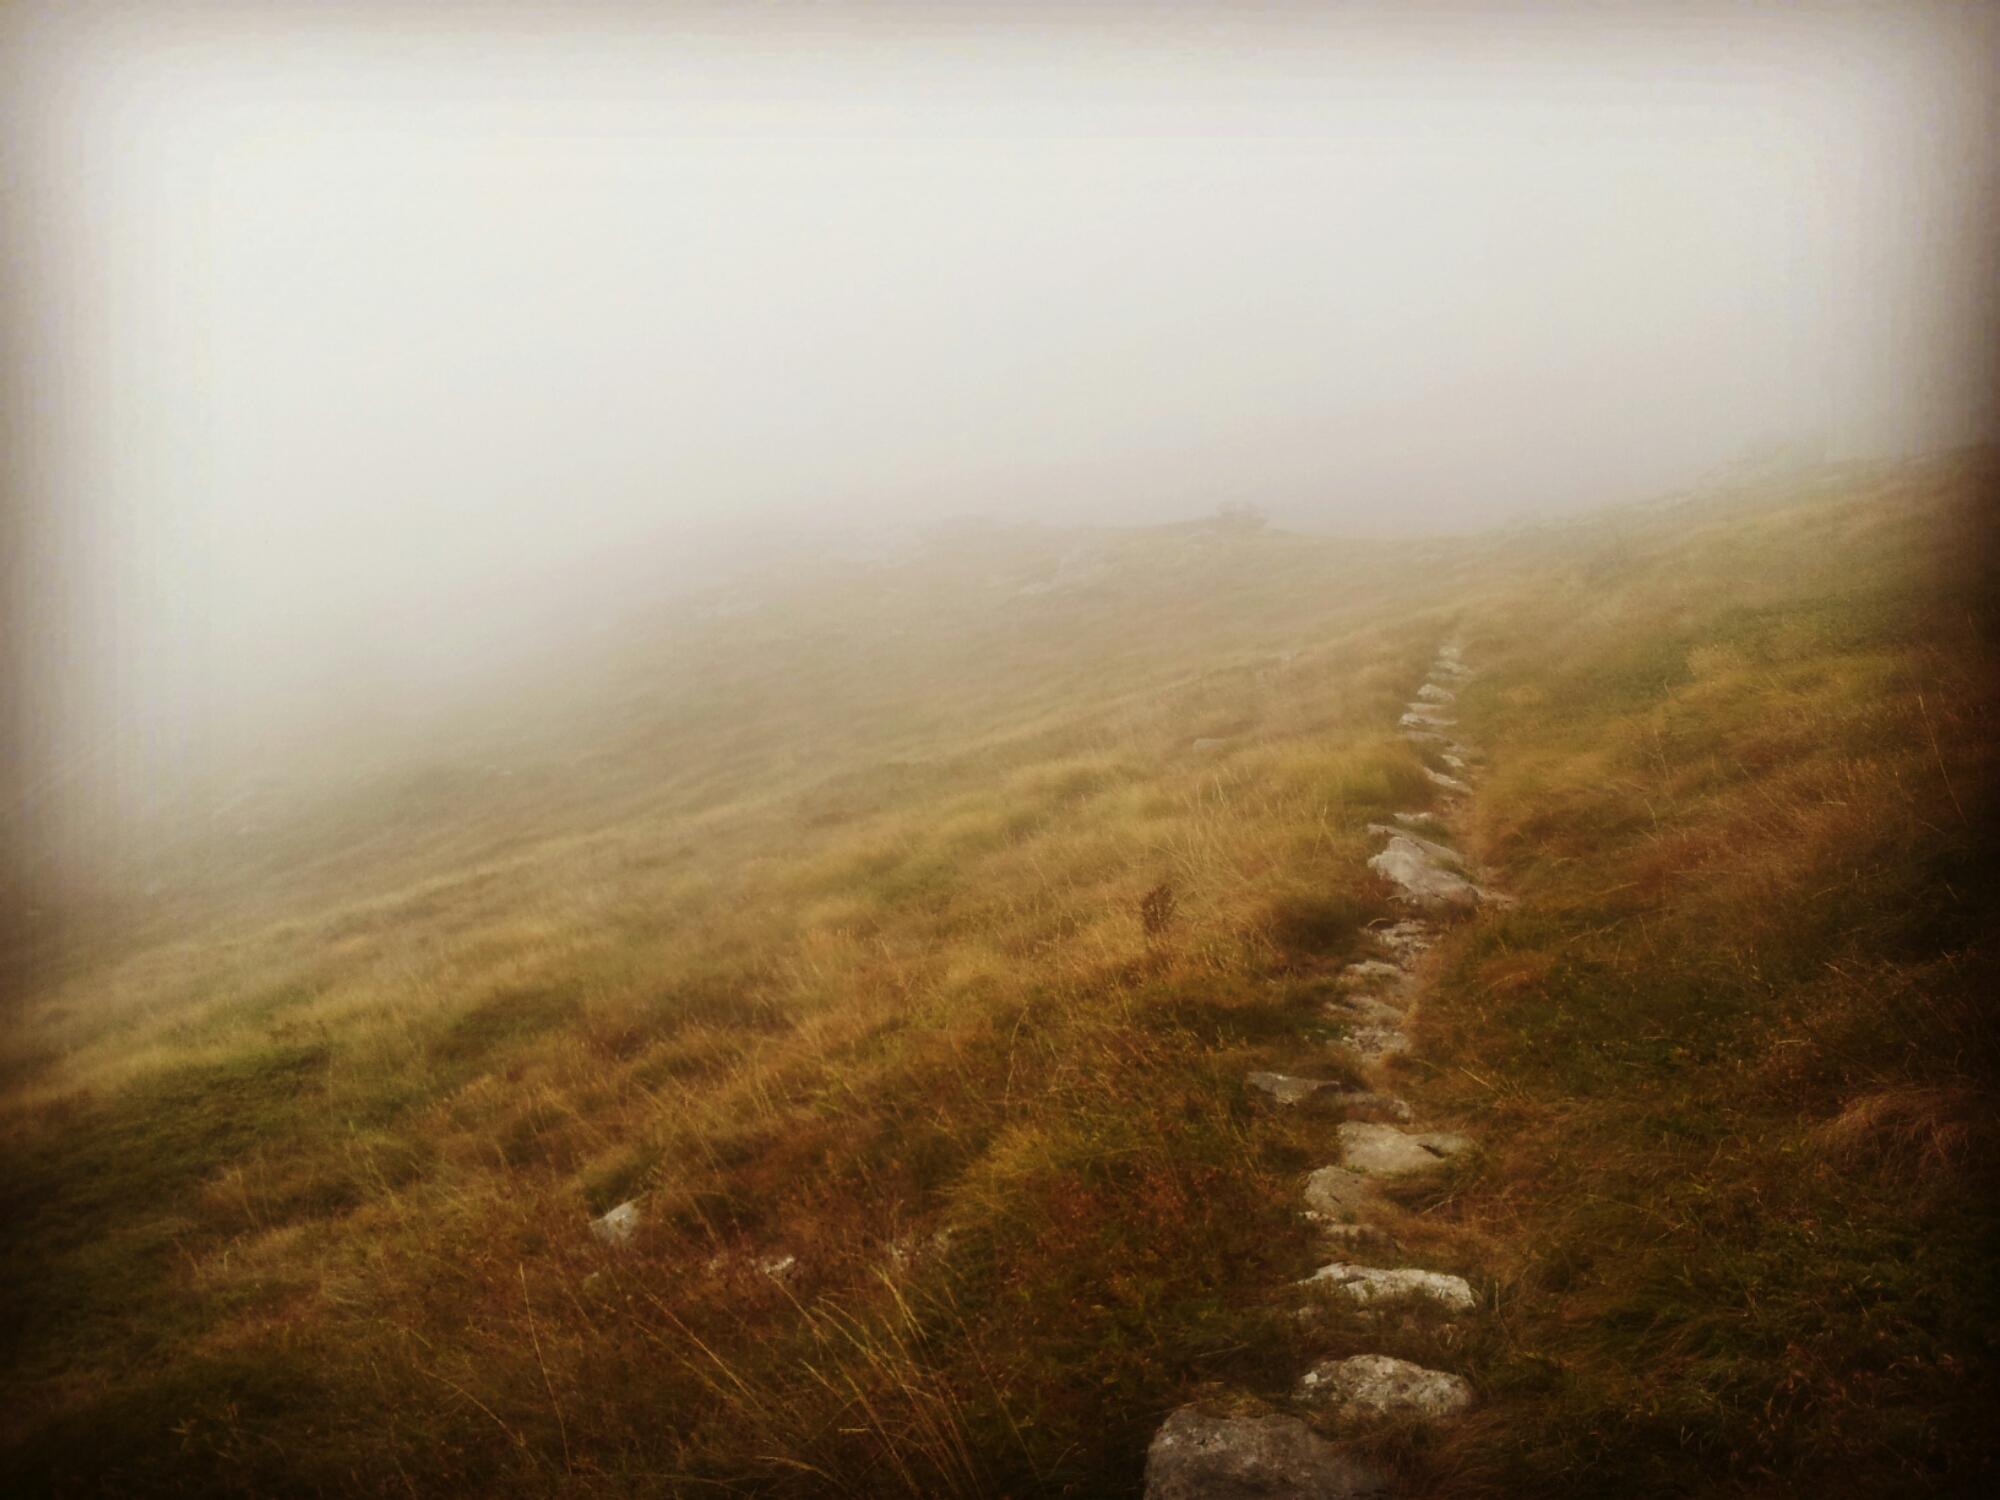 premuziceva-staza-velebit-trail-hiking-via-dinarica-croatia